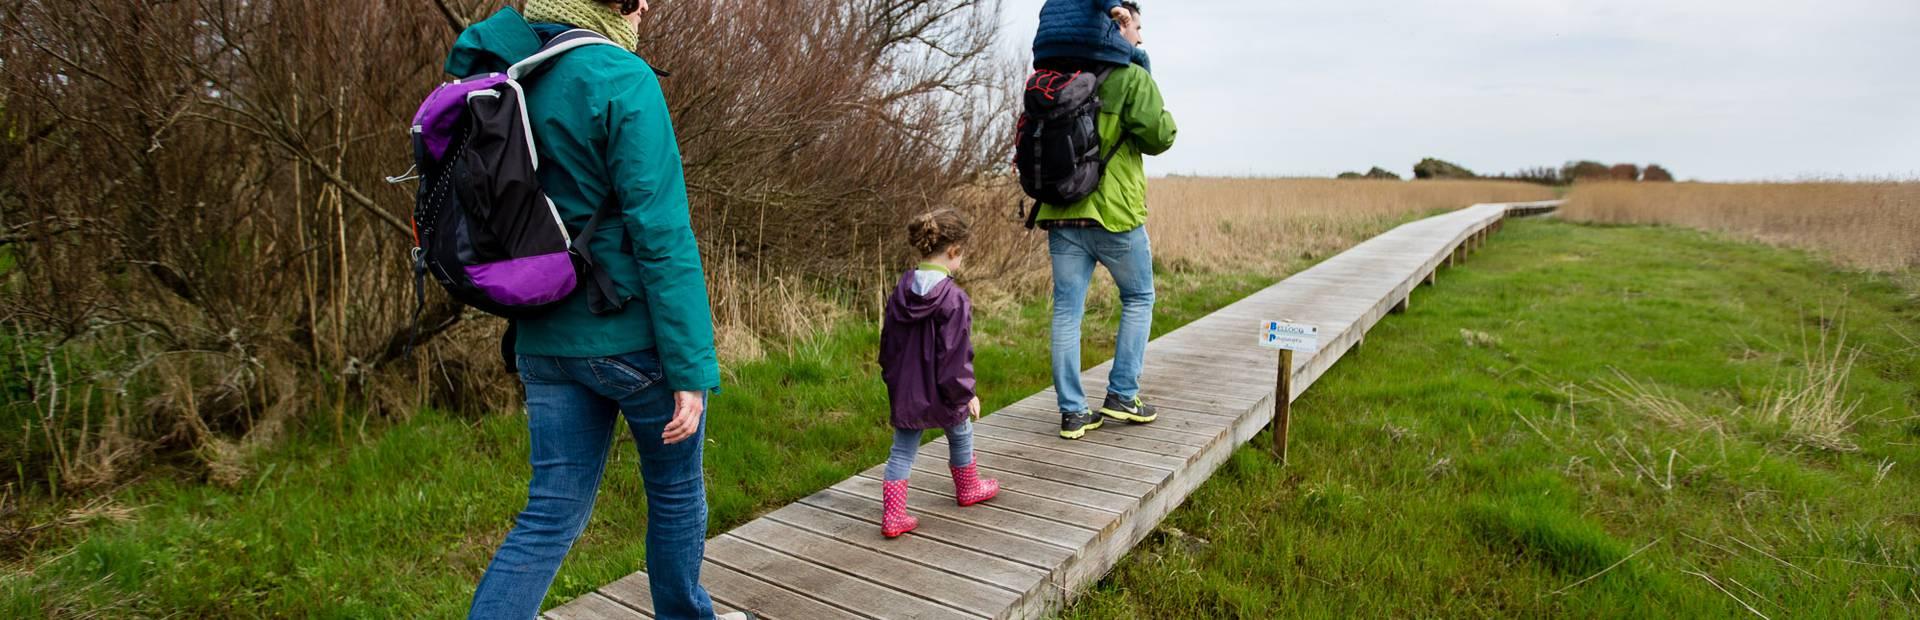 Wandern mit der ganzen Familie im Pays Bigouden © Y Derennes